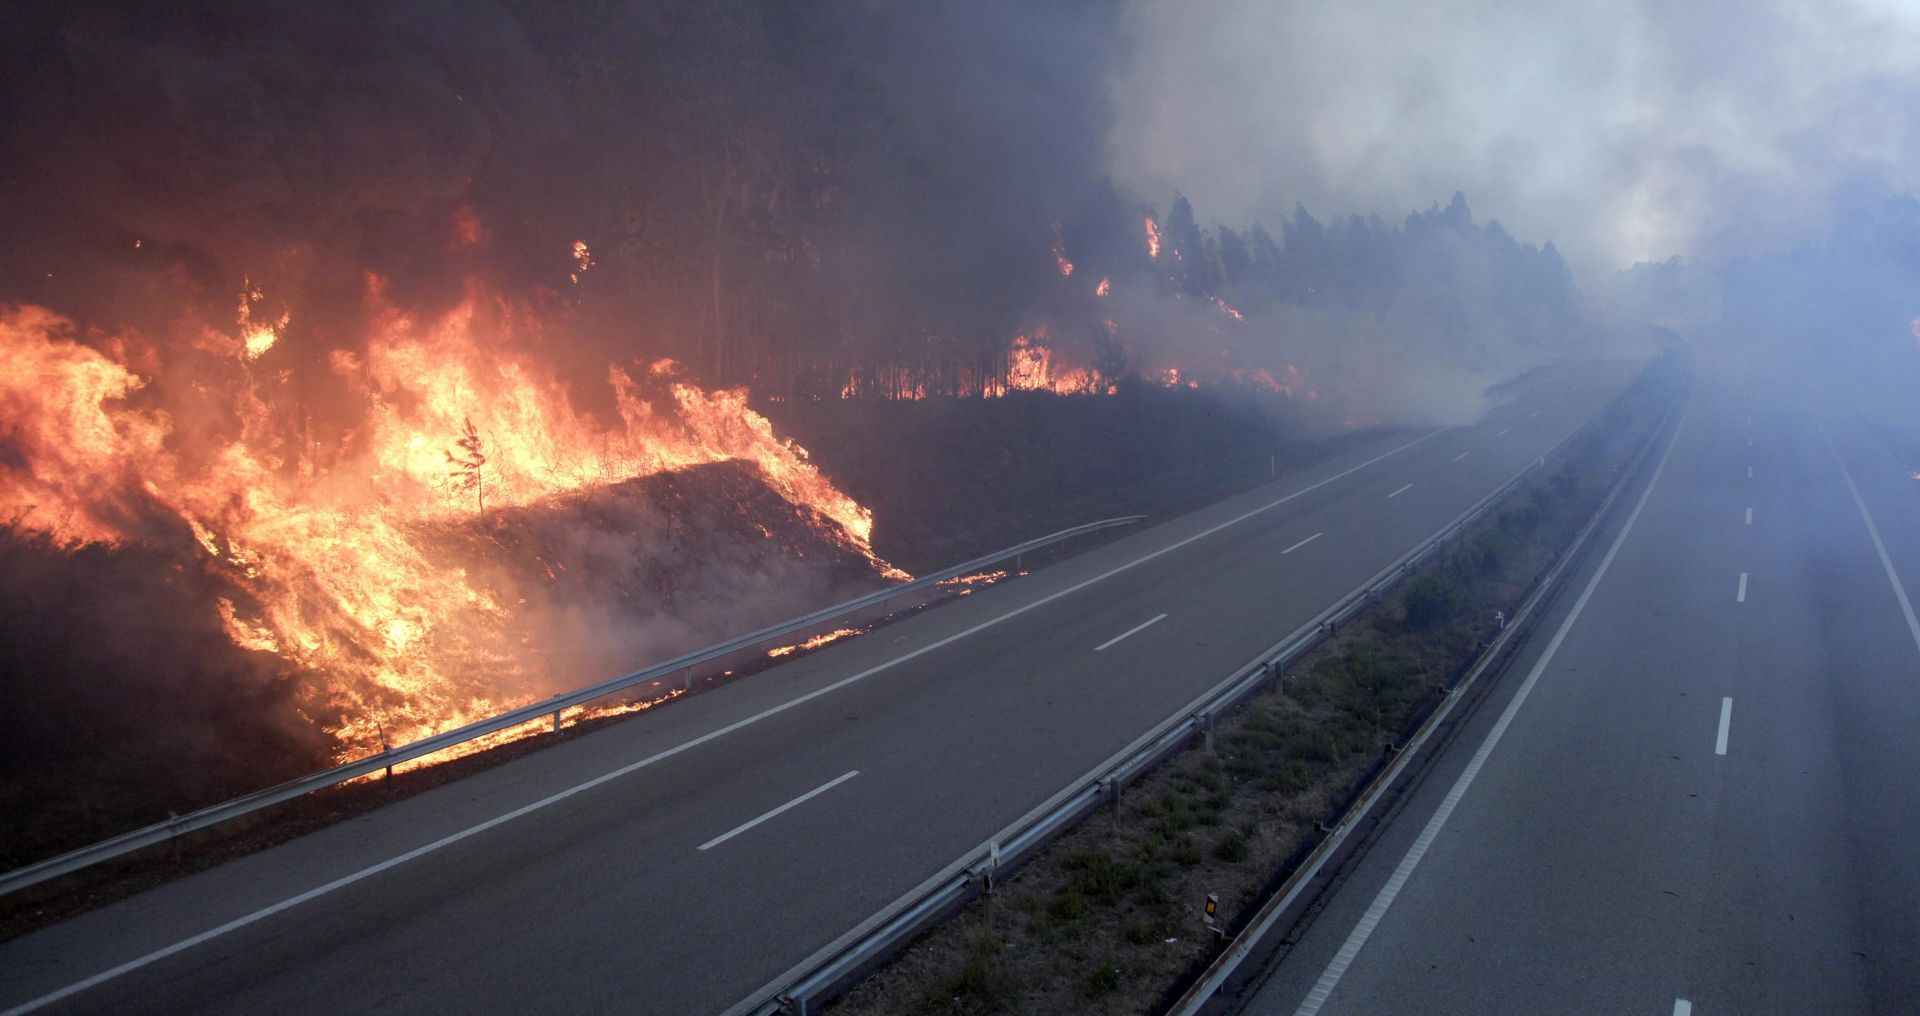 POŽARI U PORTUGALU Dodatne snage u borbi protiv vatrene stihije